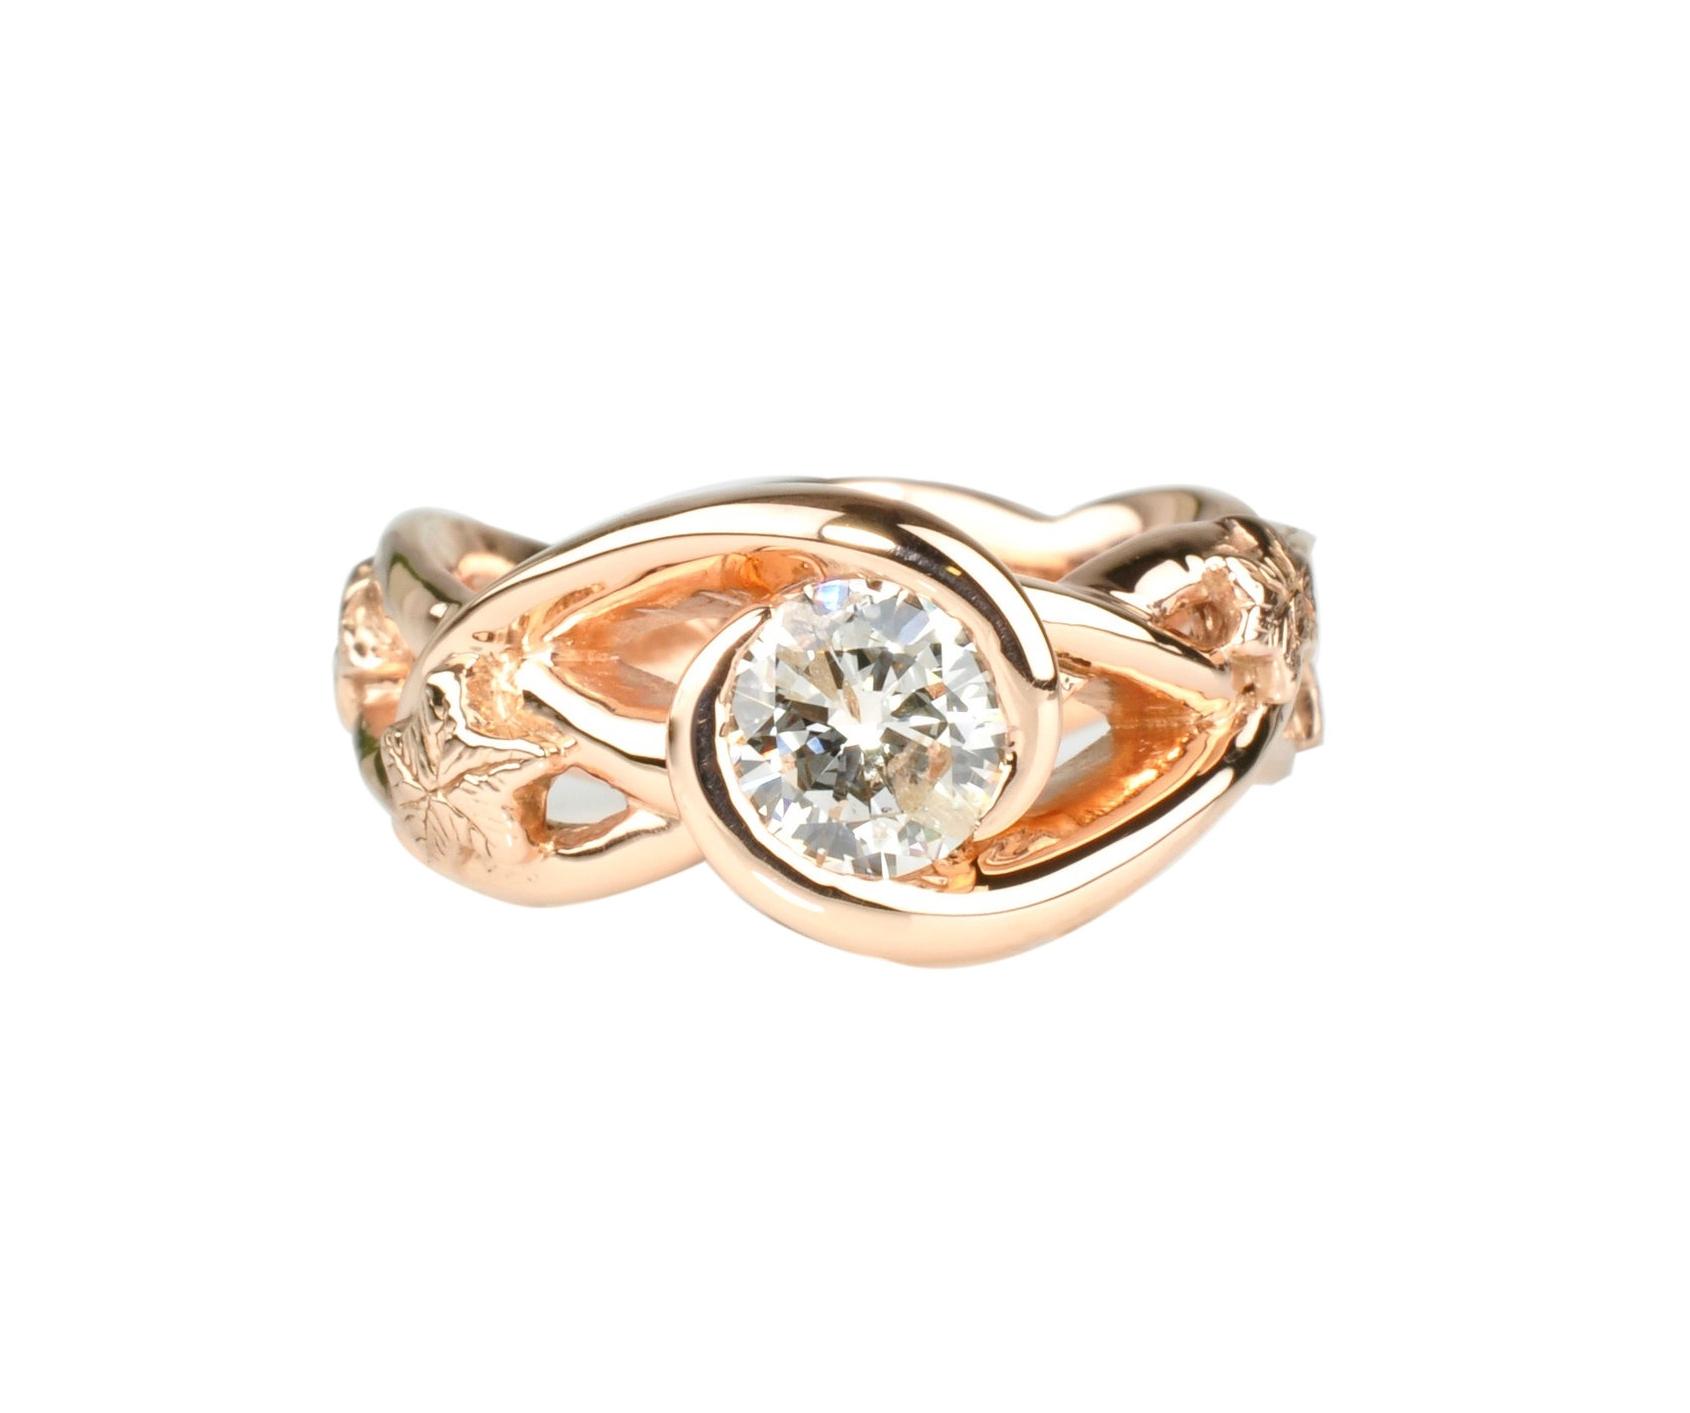 12k Rose Gold Ring